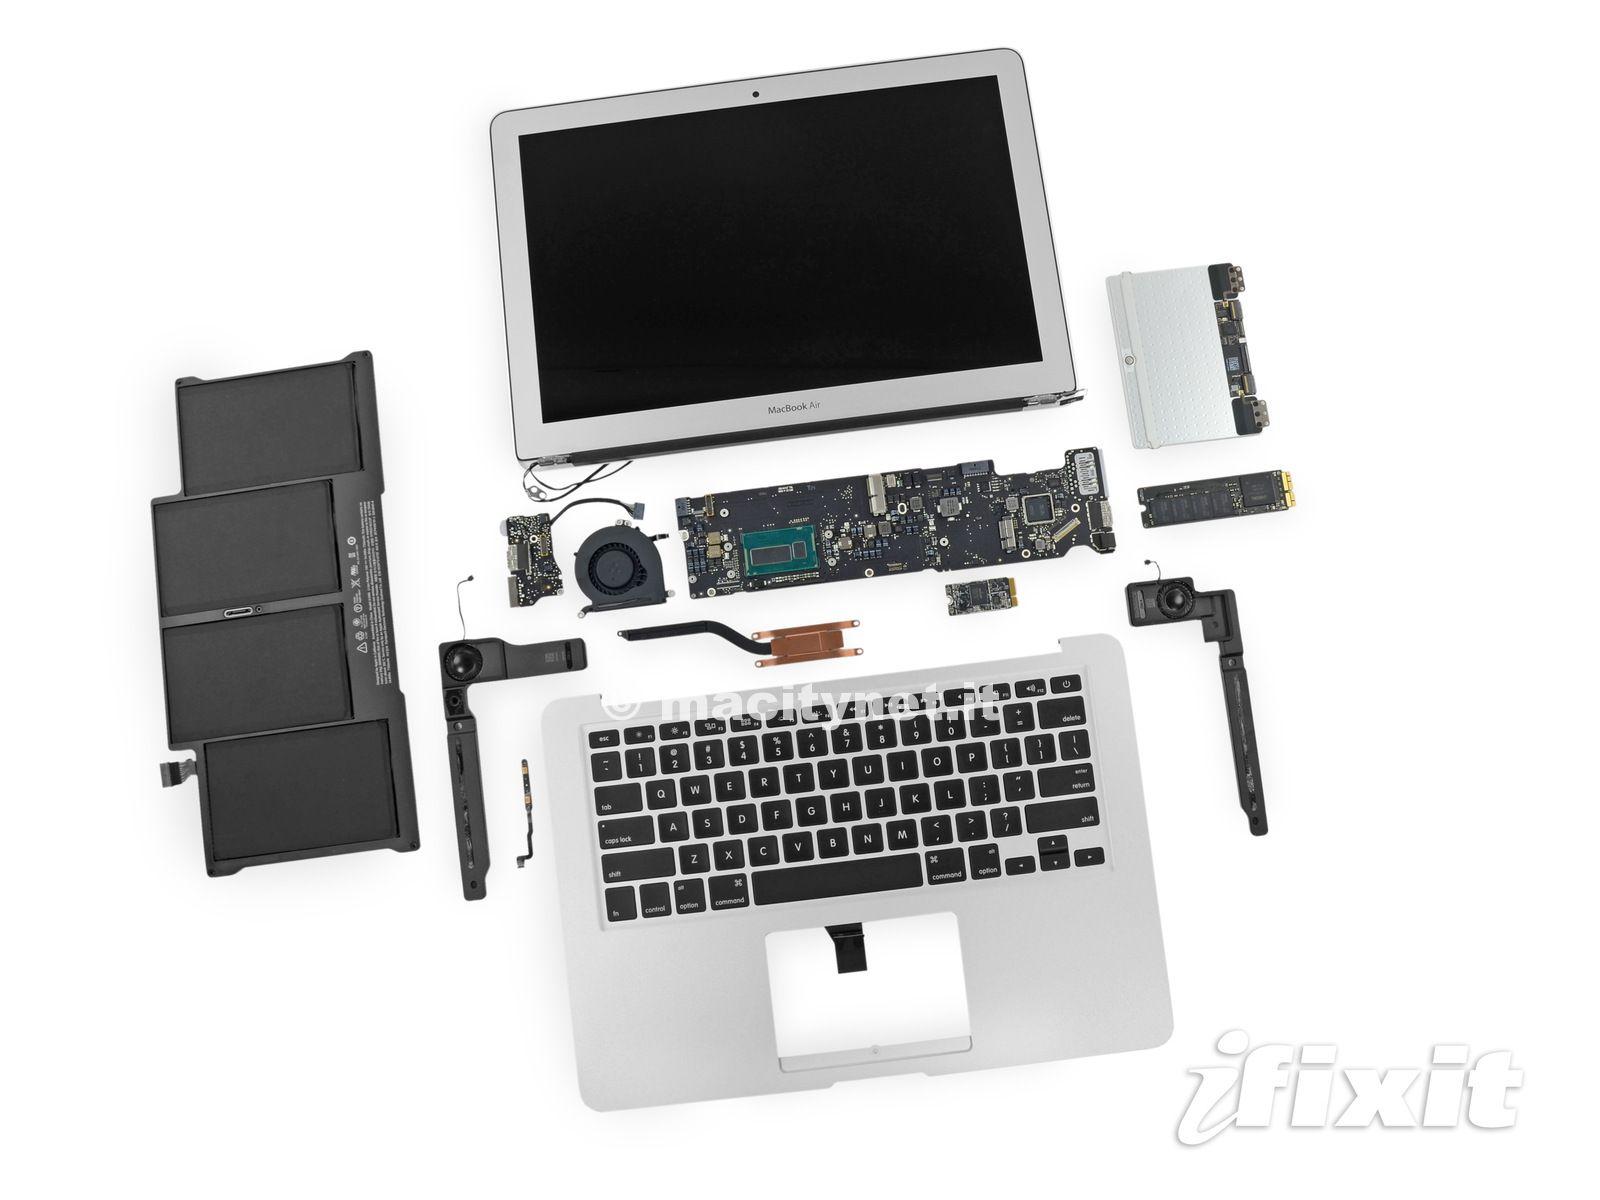 MacBook Air, nessuna novità strutturale